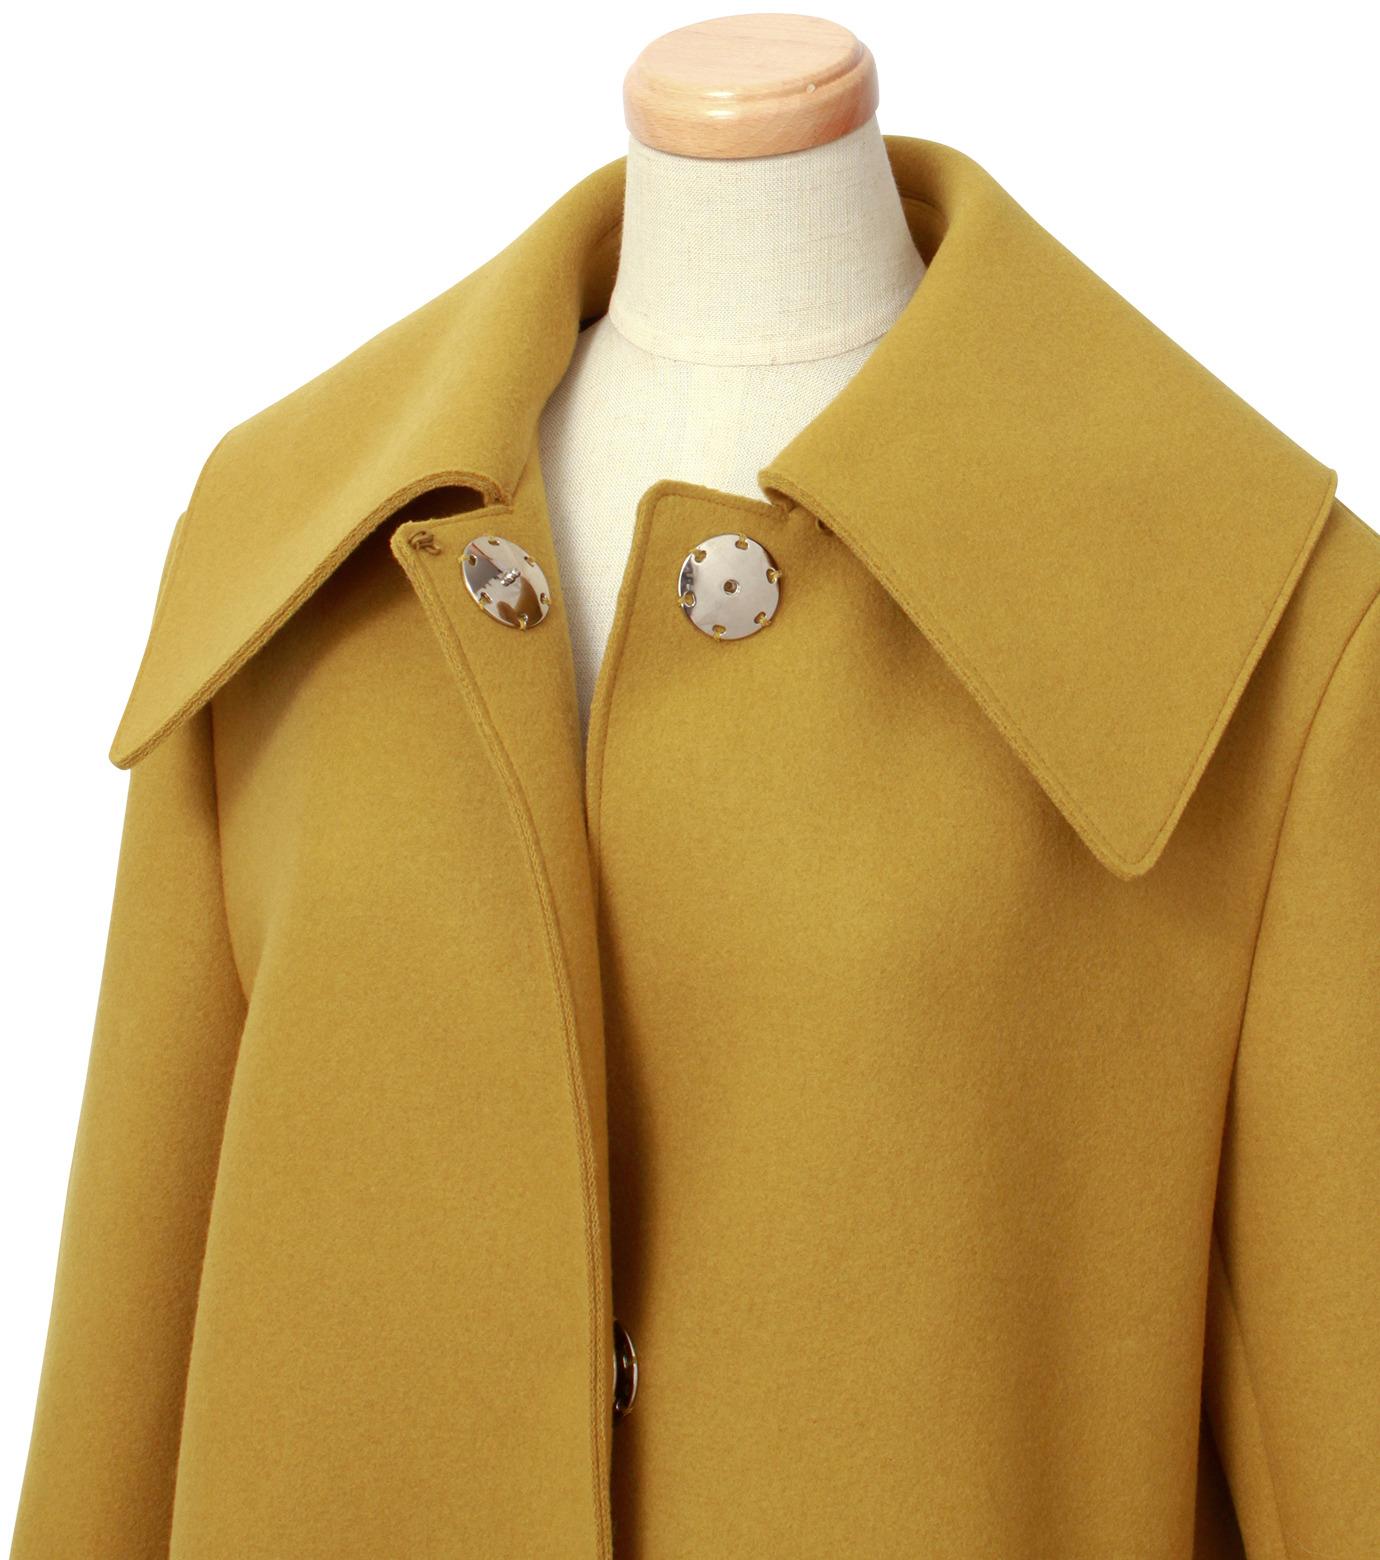 IRENE(アイレネ)のベルスリーブトレンチコート-MUSTARD(コート/coat)-18A89004 拡大詳細画像4